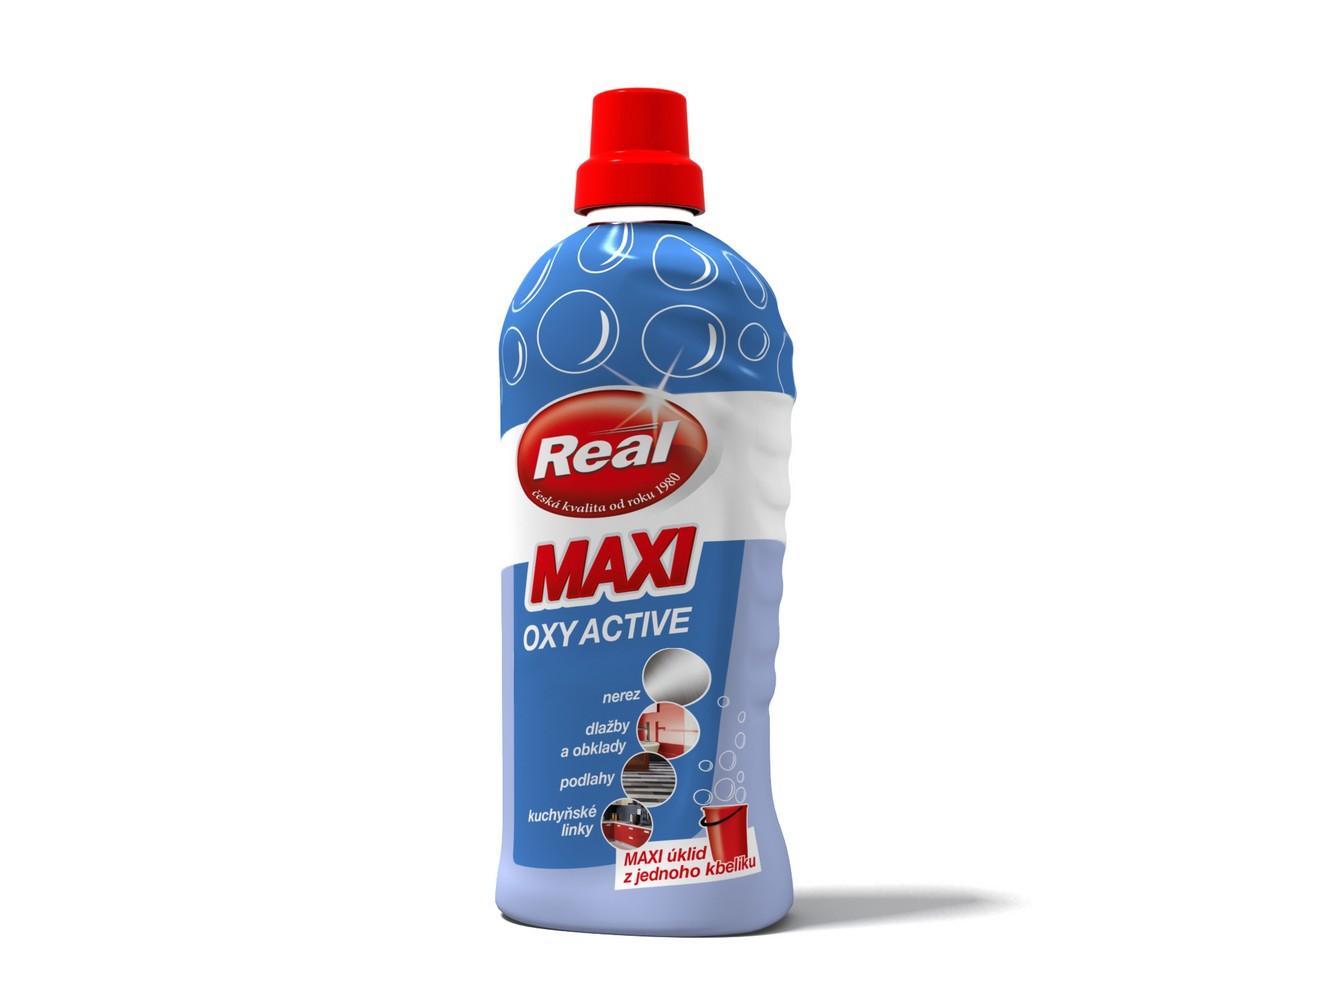 Čistící prostředek na nerez a povrchy REAL maxi oxy active 1 kg, cena za ks